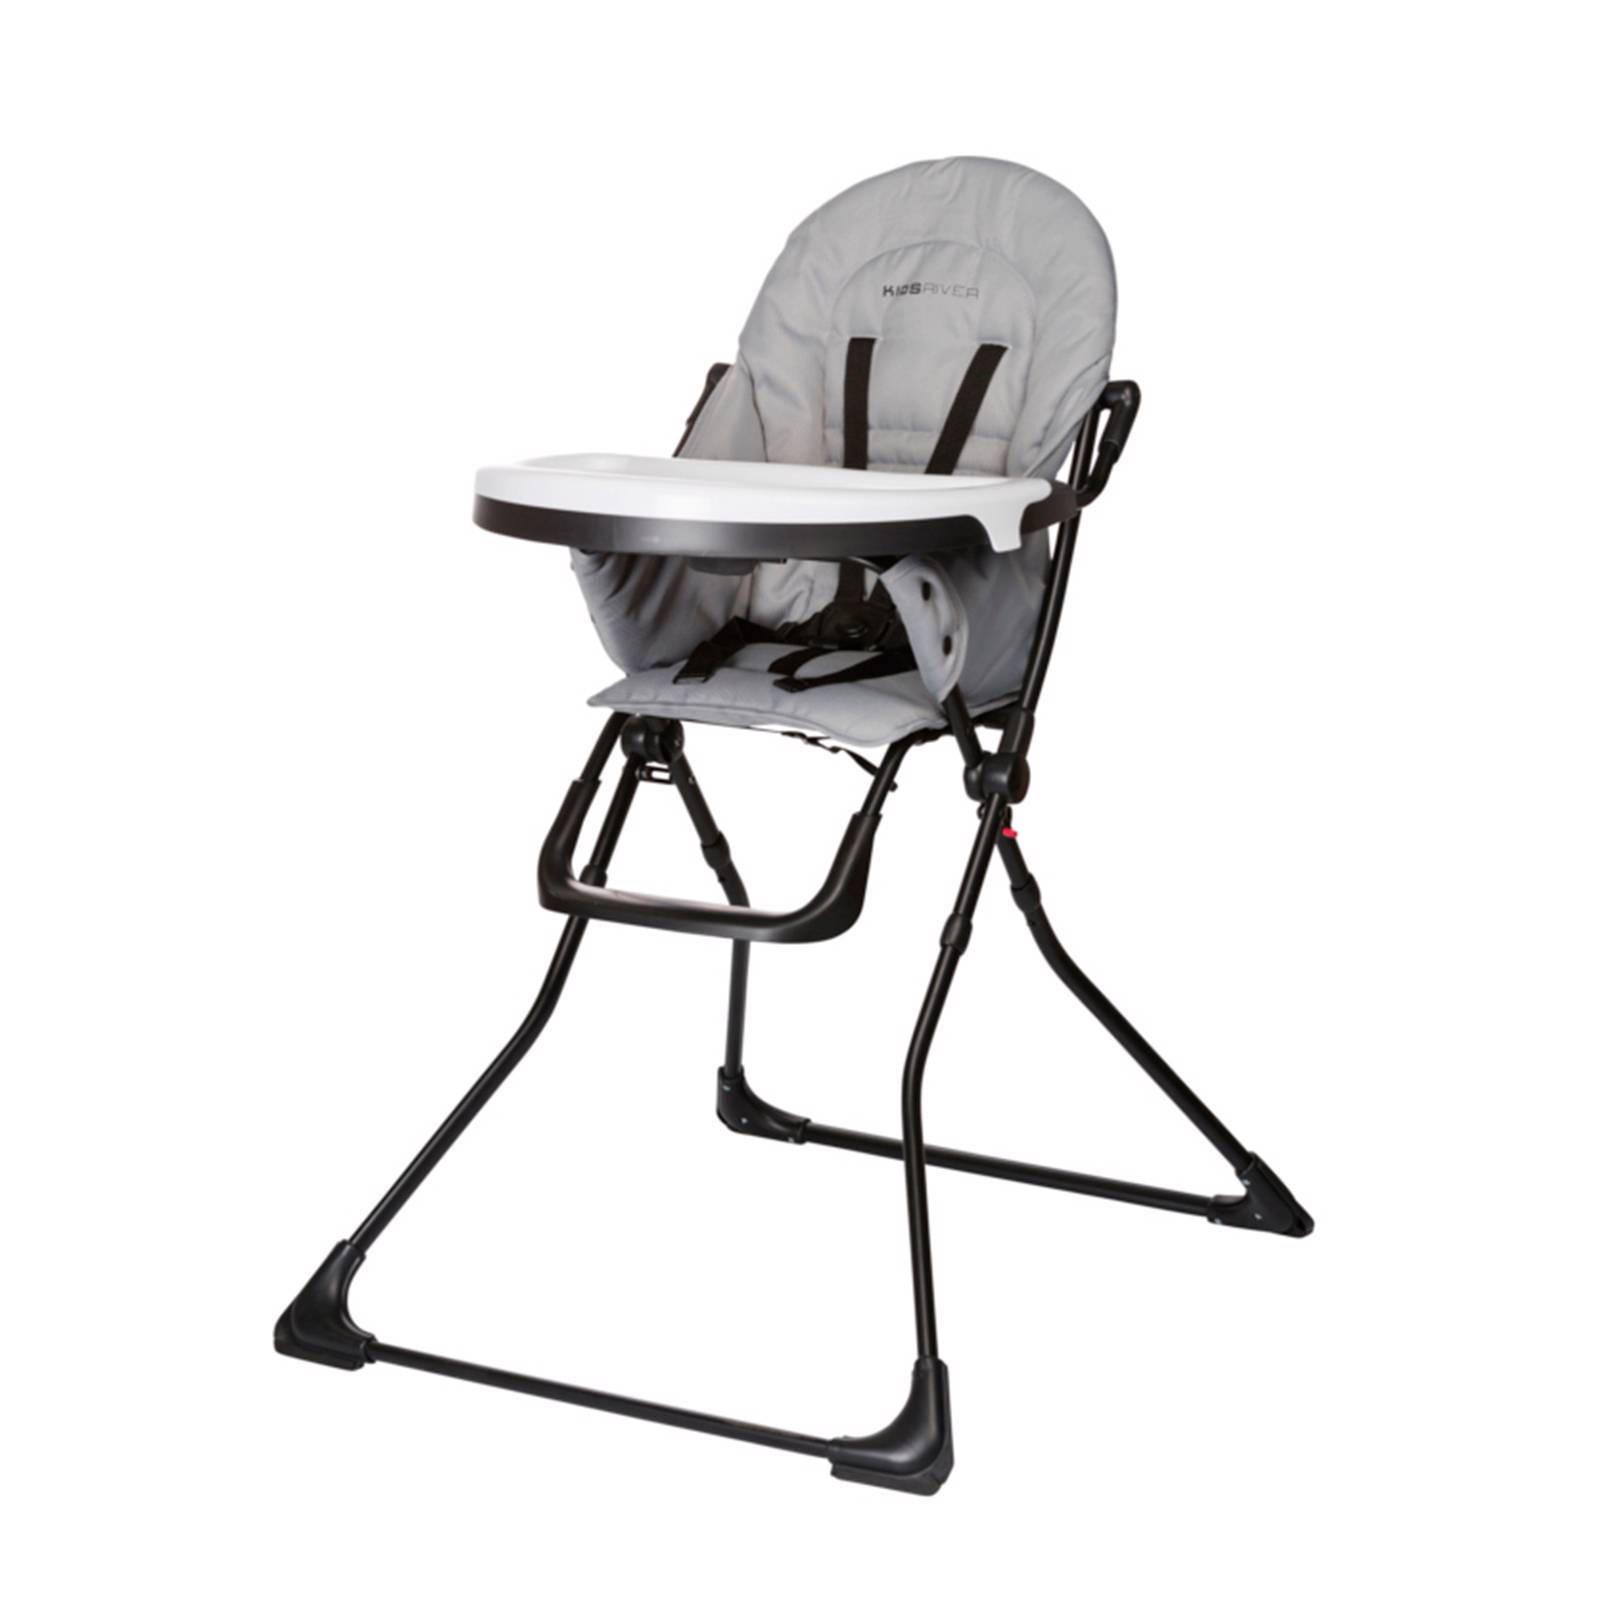 Houten Inklapbare Kinderstoel.Kidsriver Viola 2 Kinderstoel Grijs Wehkamp